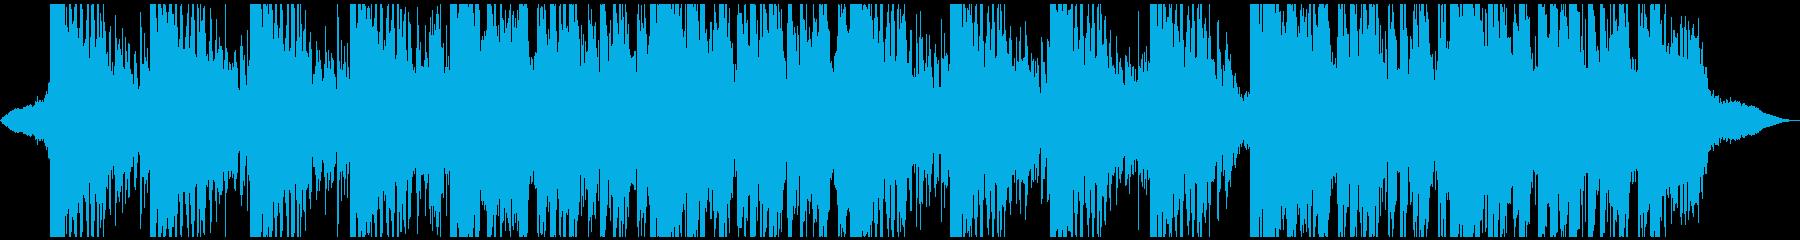 アンビエントミュージック 企業イメ...の再生済みの波形